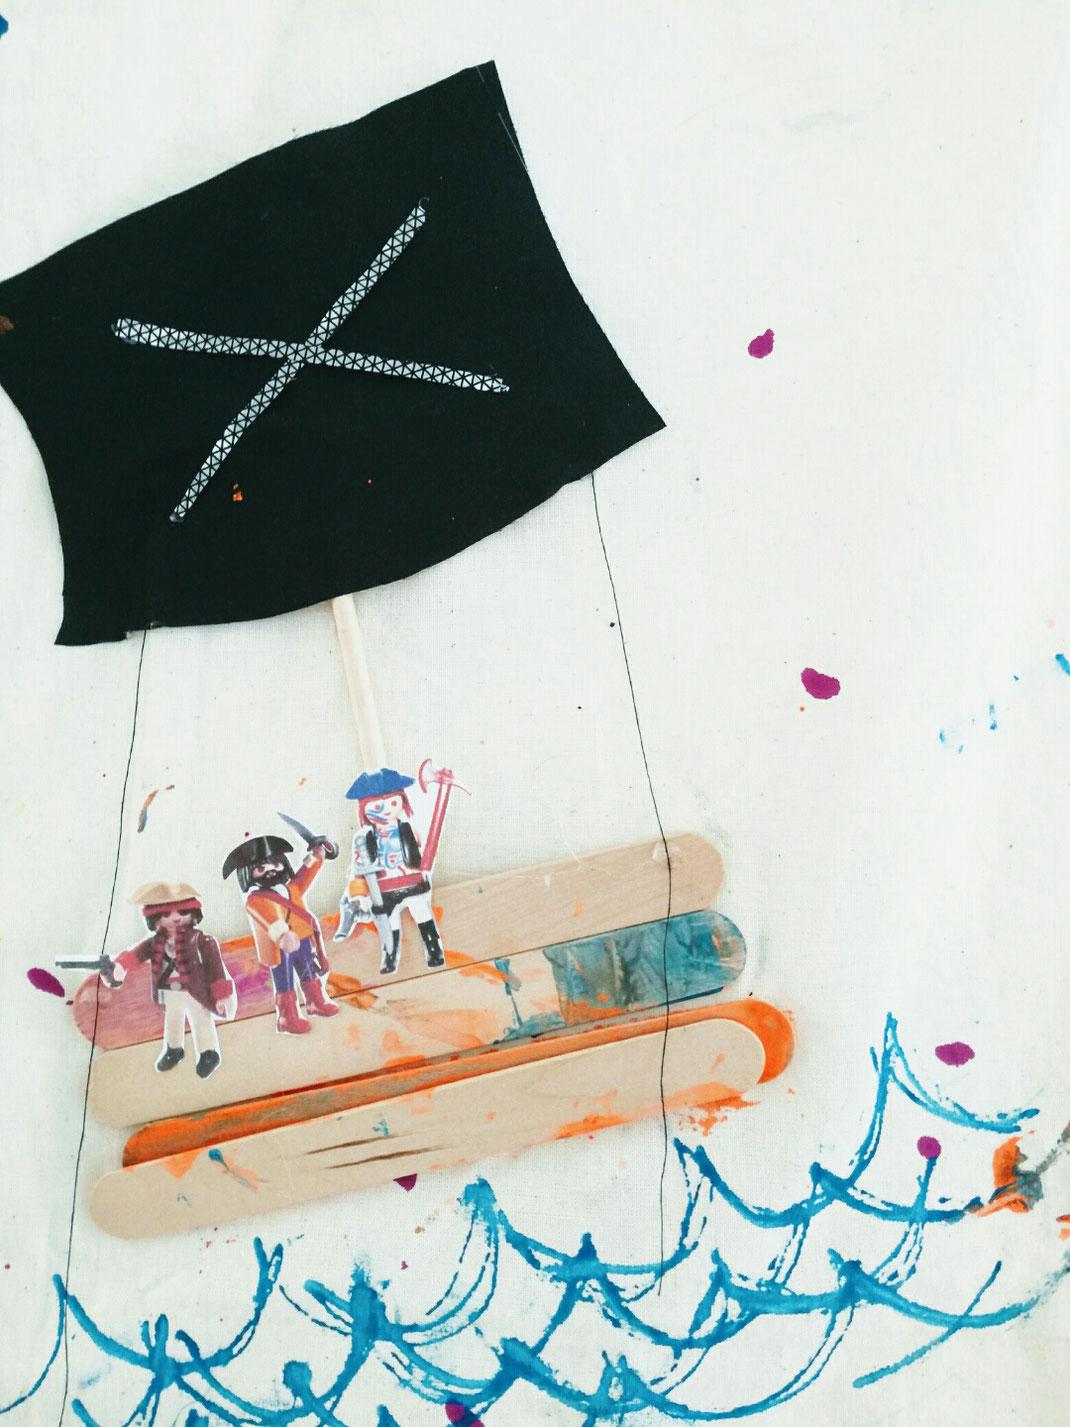 D.I.Y. Kunst Geschichten fürs Kinderzimmer, Stoffmalerei, Wandbehang, Wandbild, Gästebuch,Bilderbuch aus Stoff, mit Kindern malen, Piratenschiff